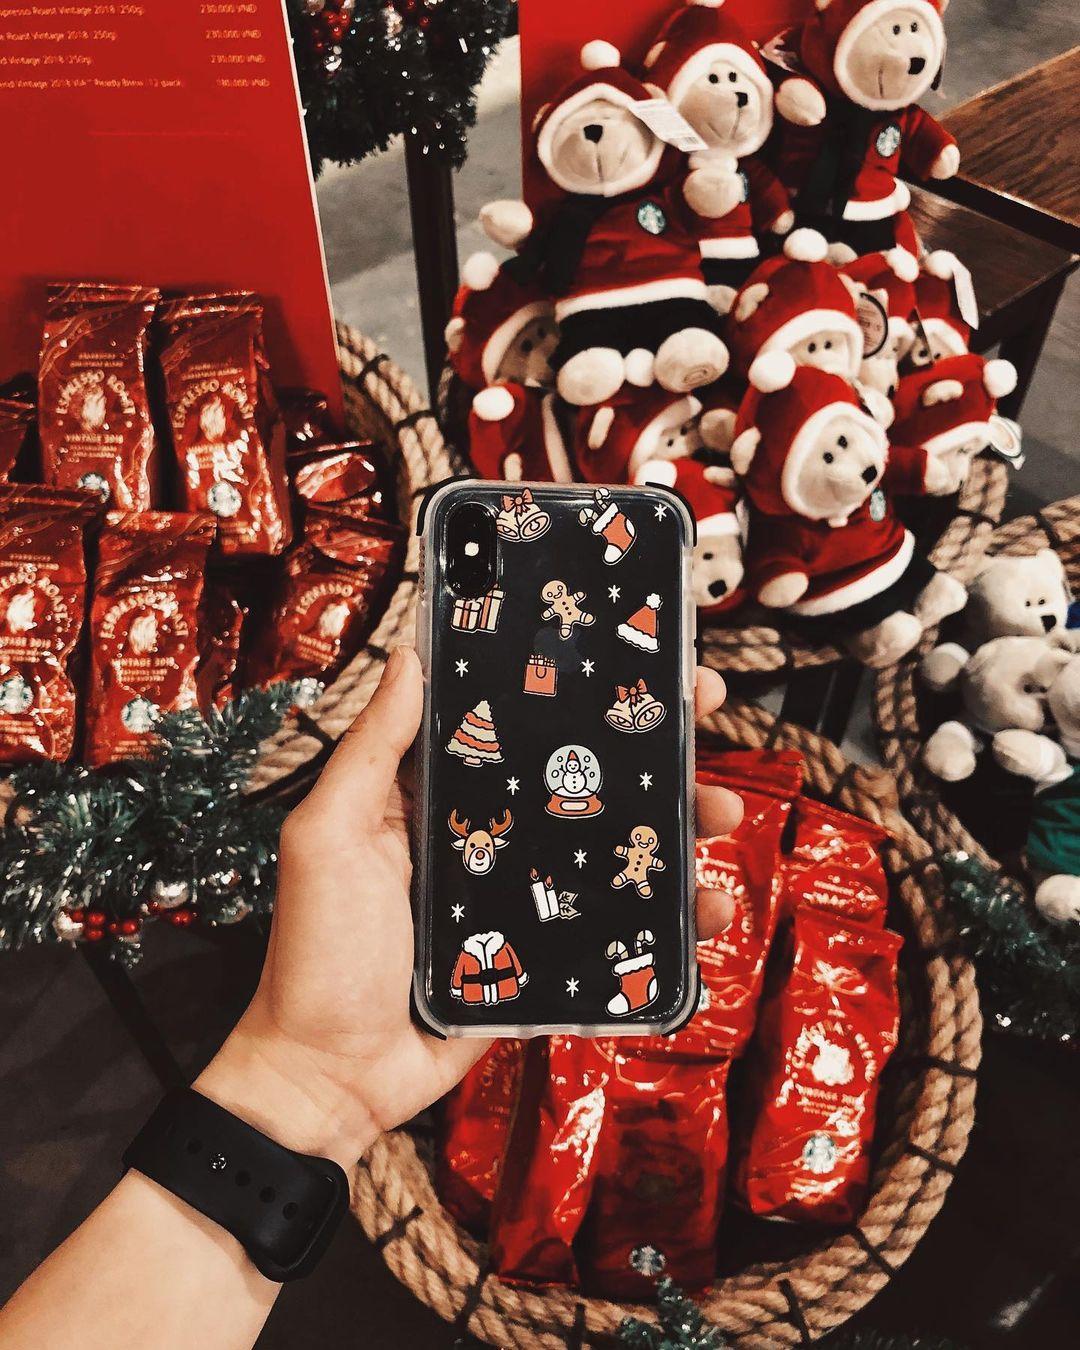 Ốp điện thoại Noel giá từ 60k, toàn kiểu dễ thương khó mà chỉ tậu 1 chiếc - Ảnh 8.